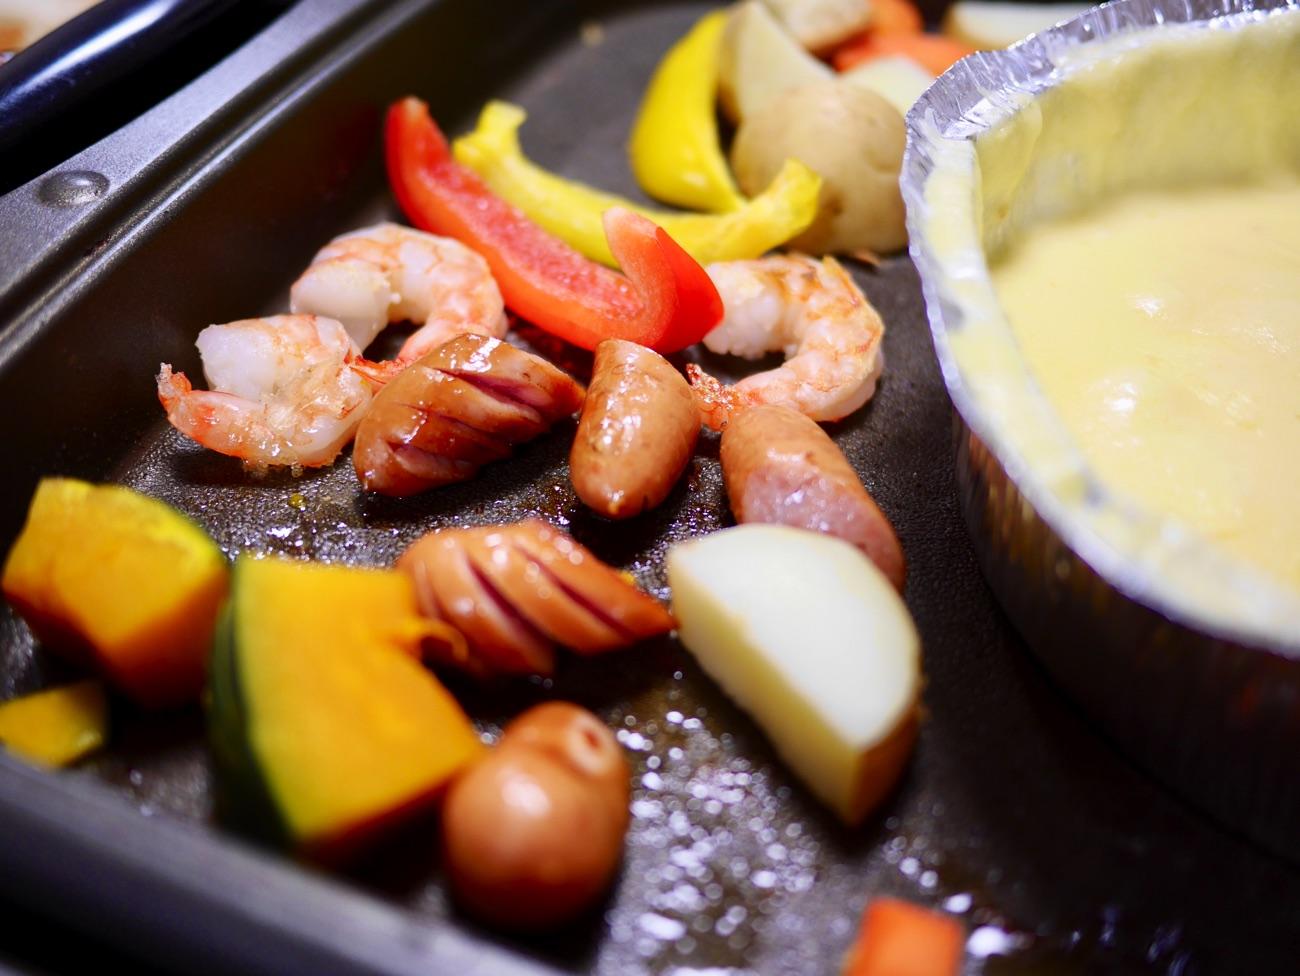 ホットプレートには食べられる状態で並べる方が良い?